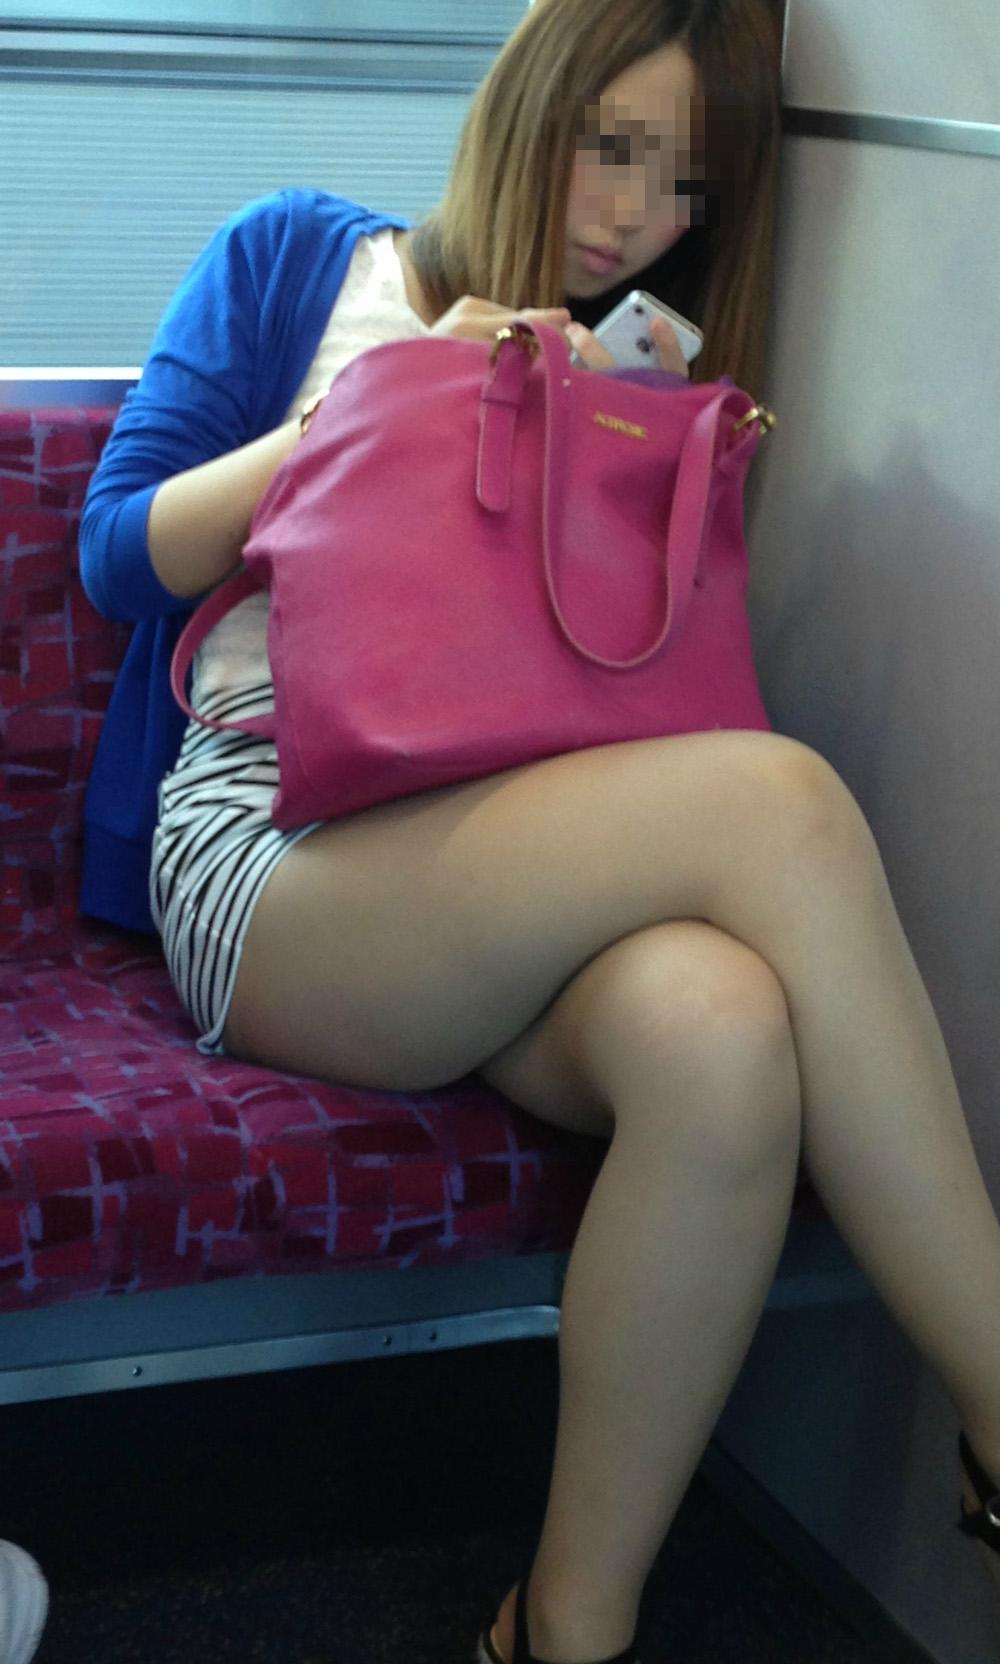 【美脚エロ画像】失礼な脚組みでもムッチリ強調されるから許せる電車の太もも撮りwww 30